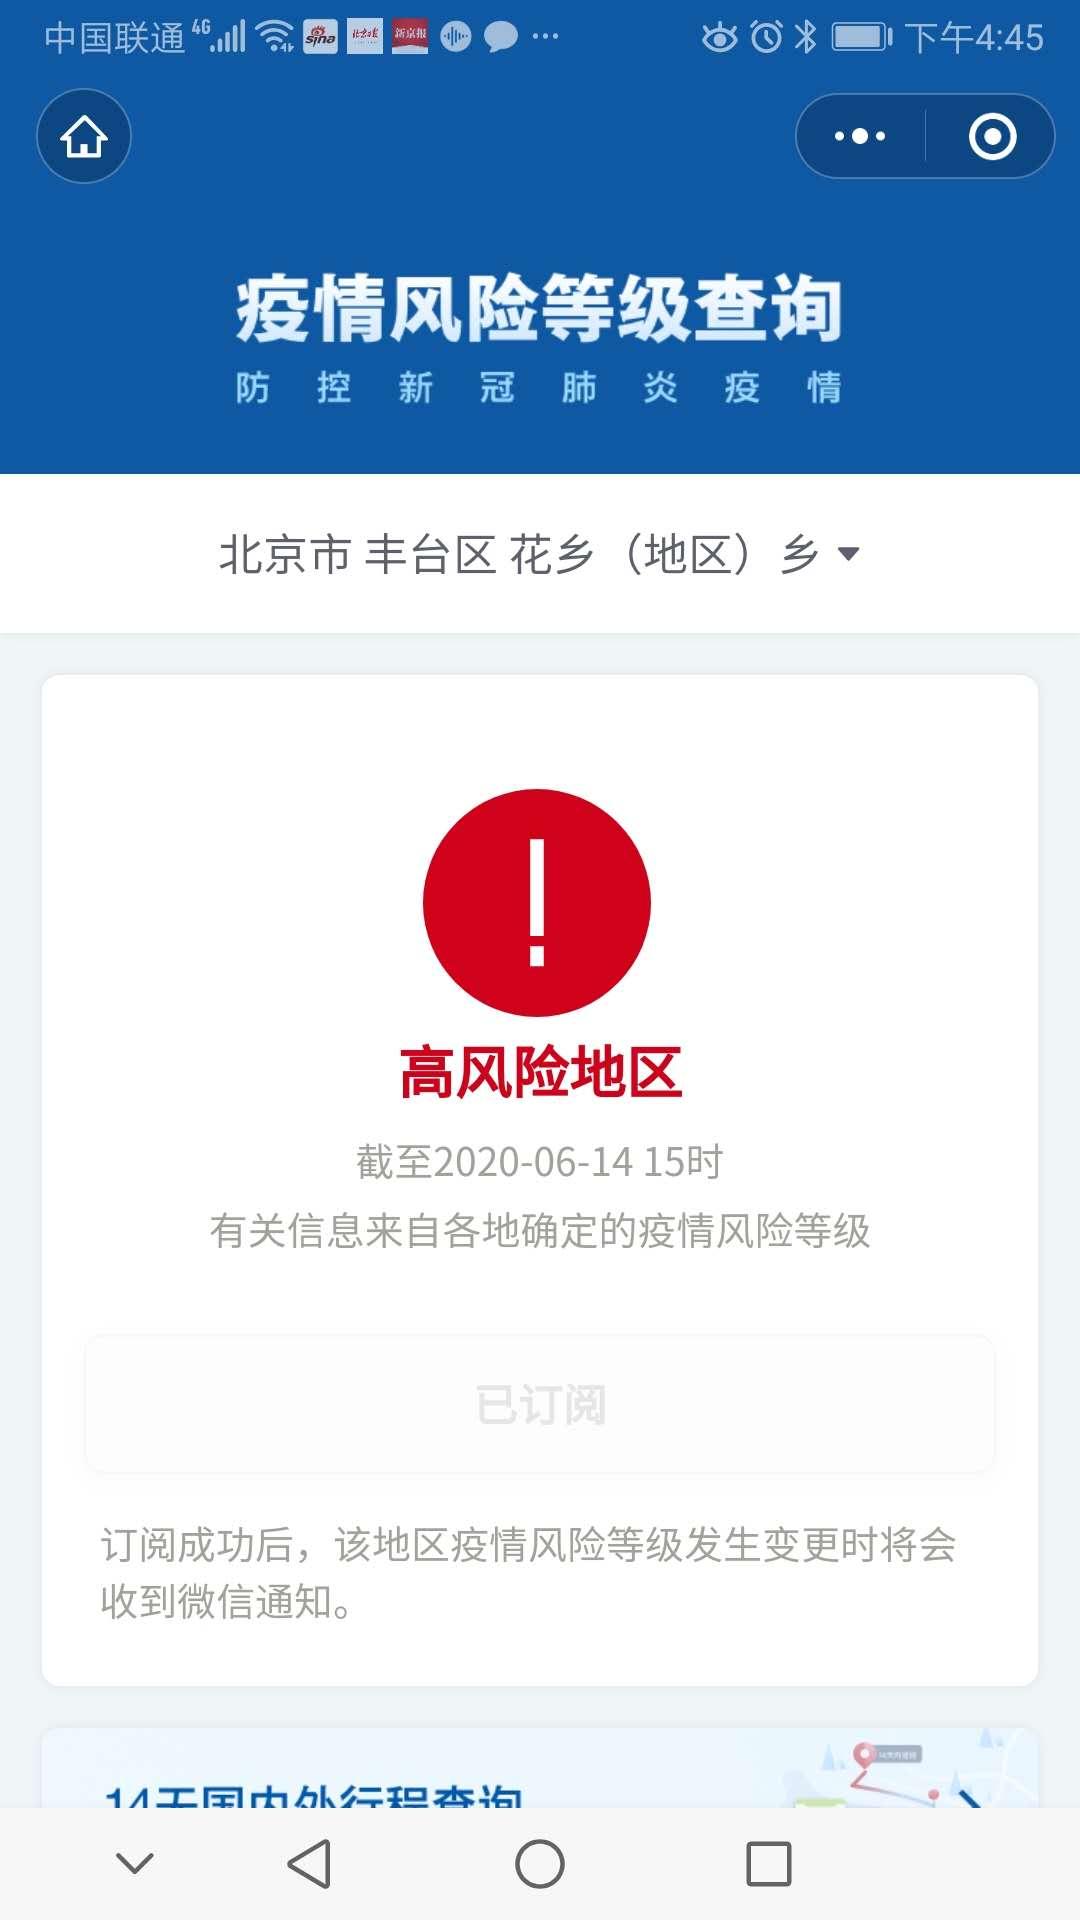 北京丰台花乡地区升级为疫情高风险地区图片